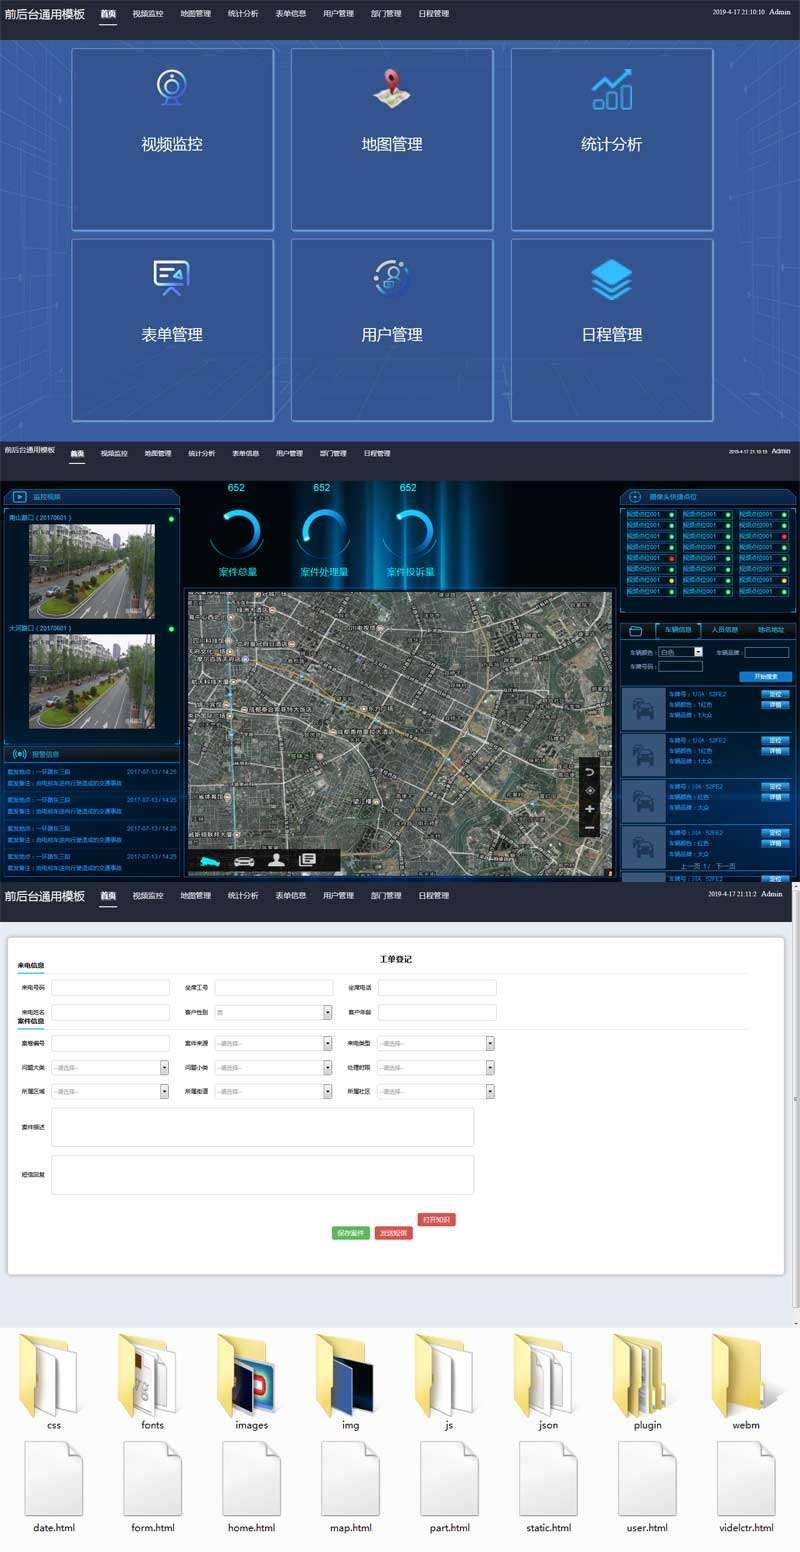 道路视频监控系统管理页面模板